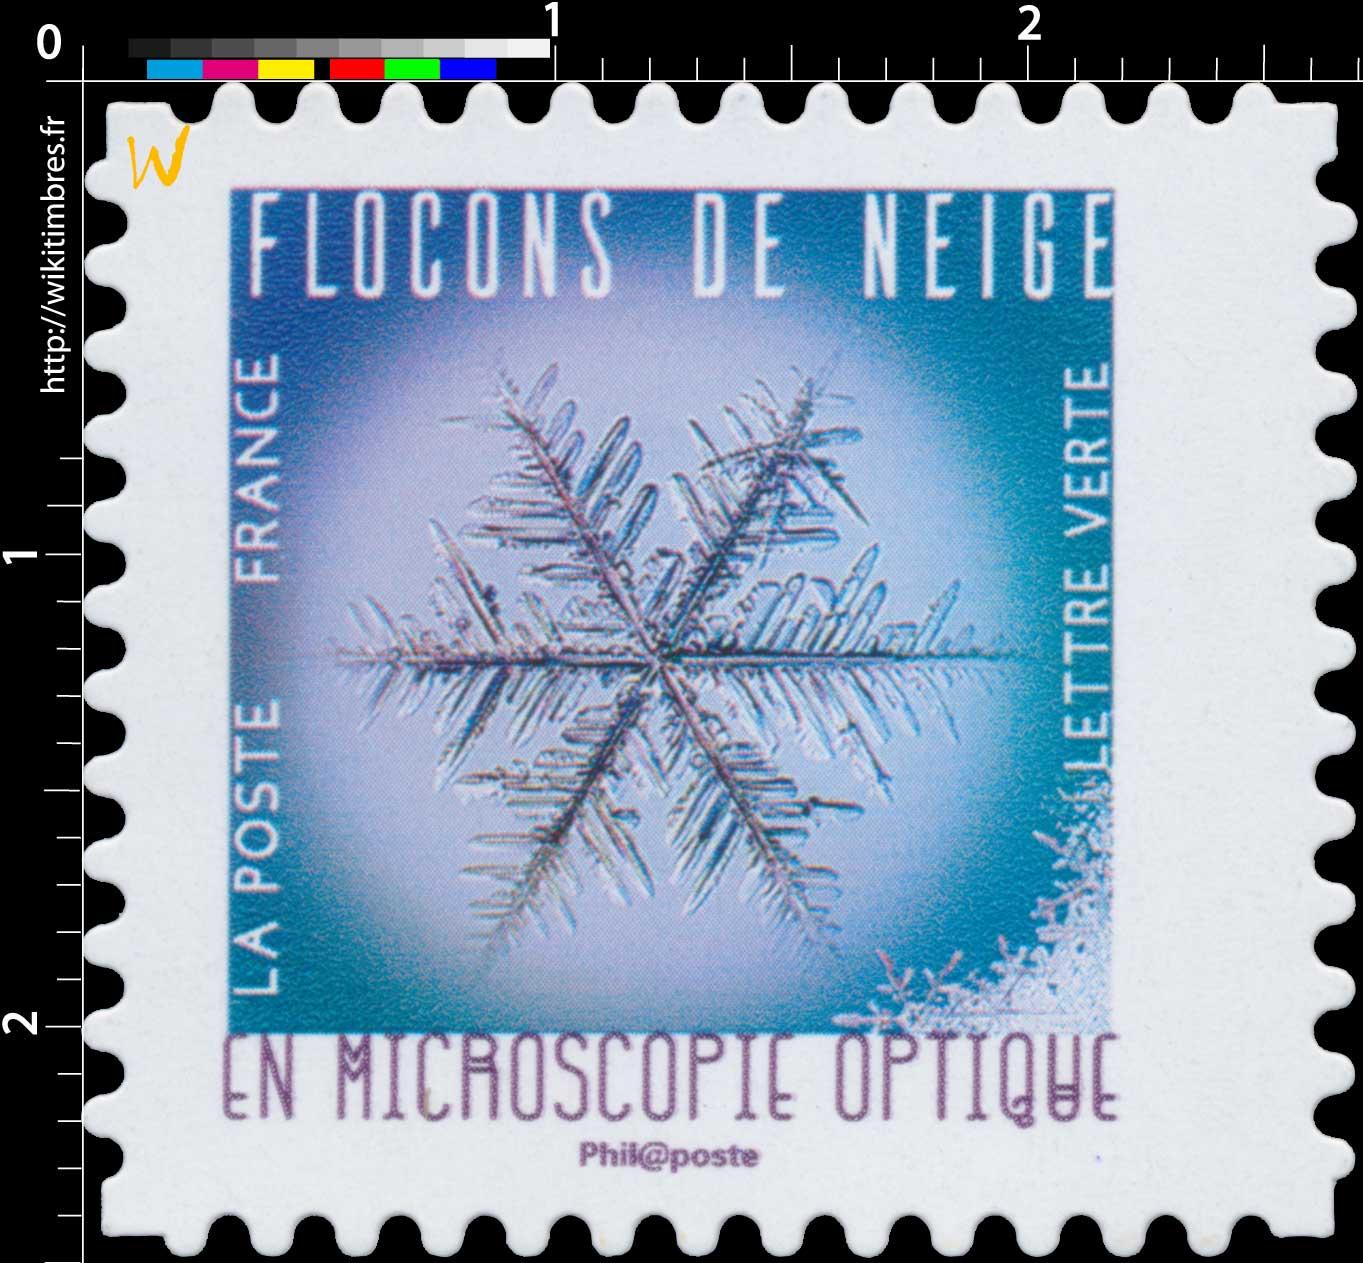 2018 FLOCONS DE NEIGE EN MICROSCOPIE OPTIQUE